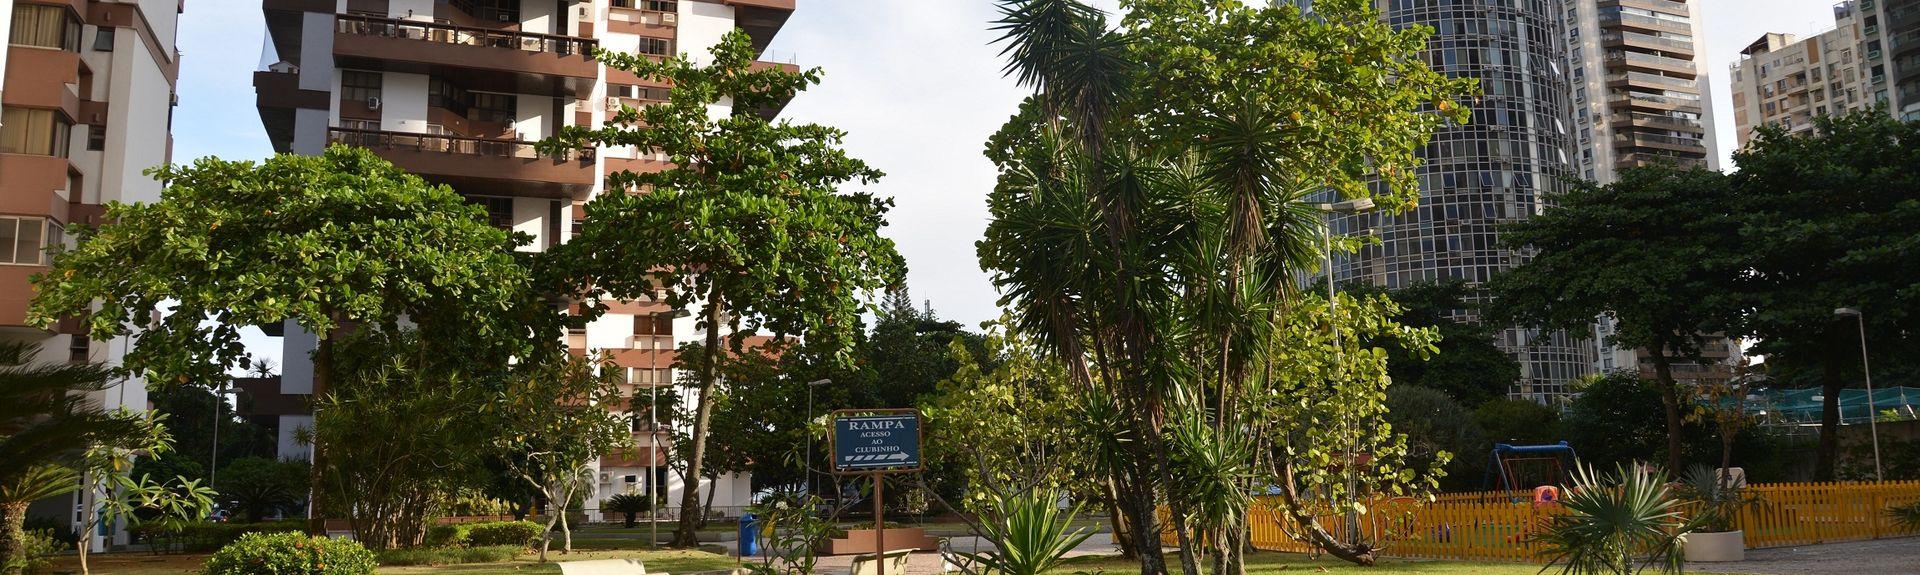 Sambodrome, Rio de Janeiro, Rio de Janeiro (état), Brésil